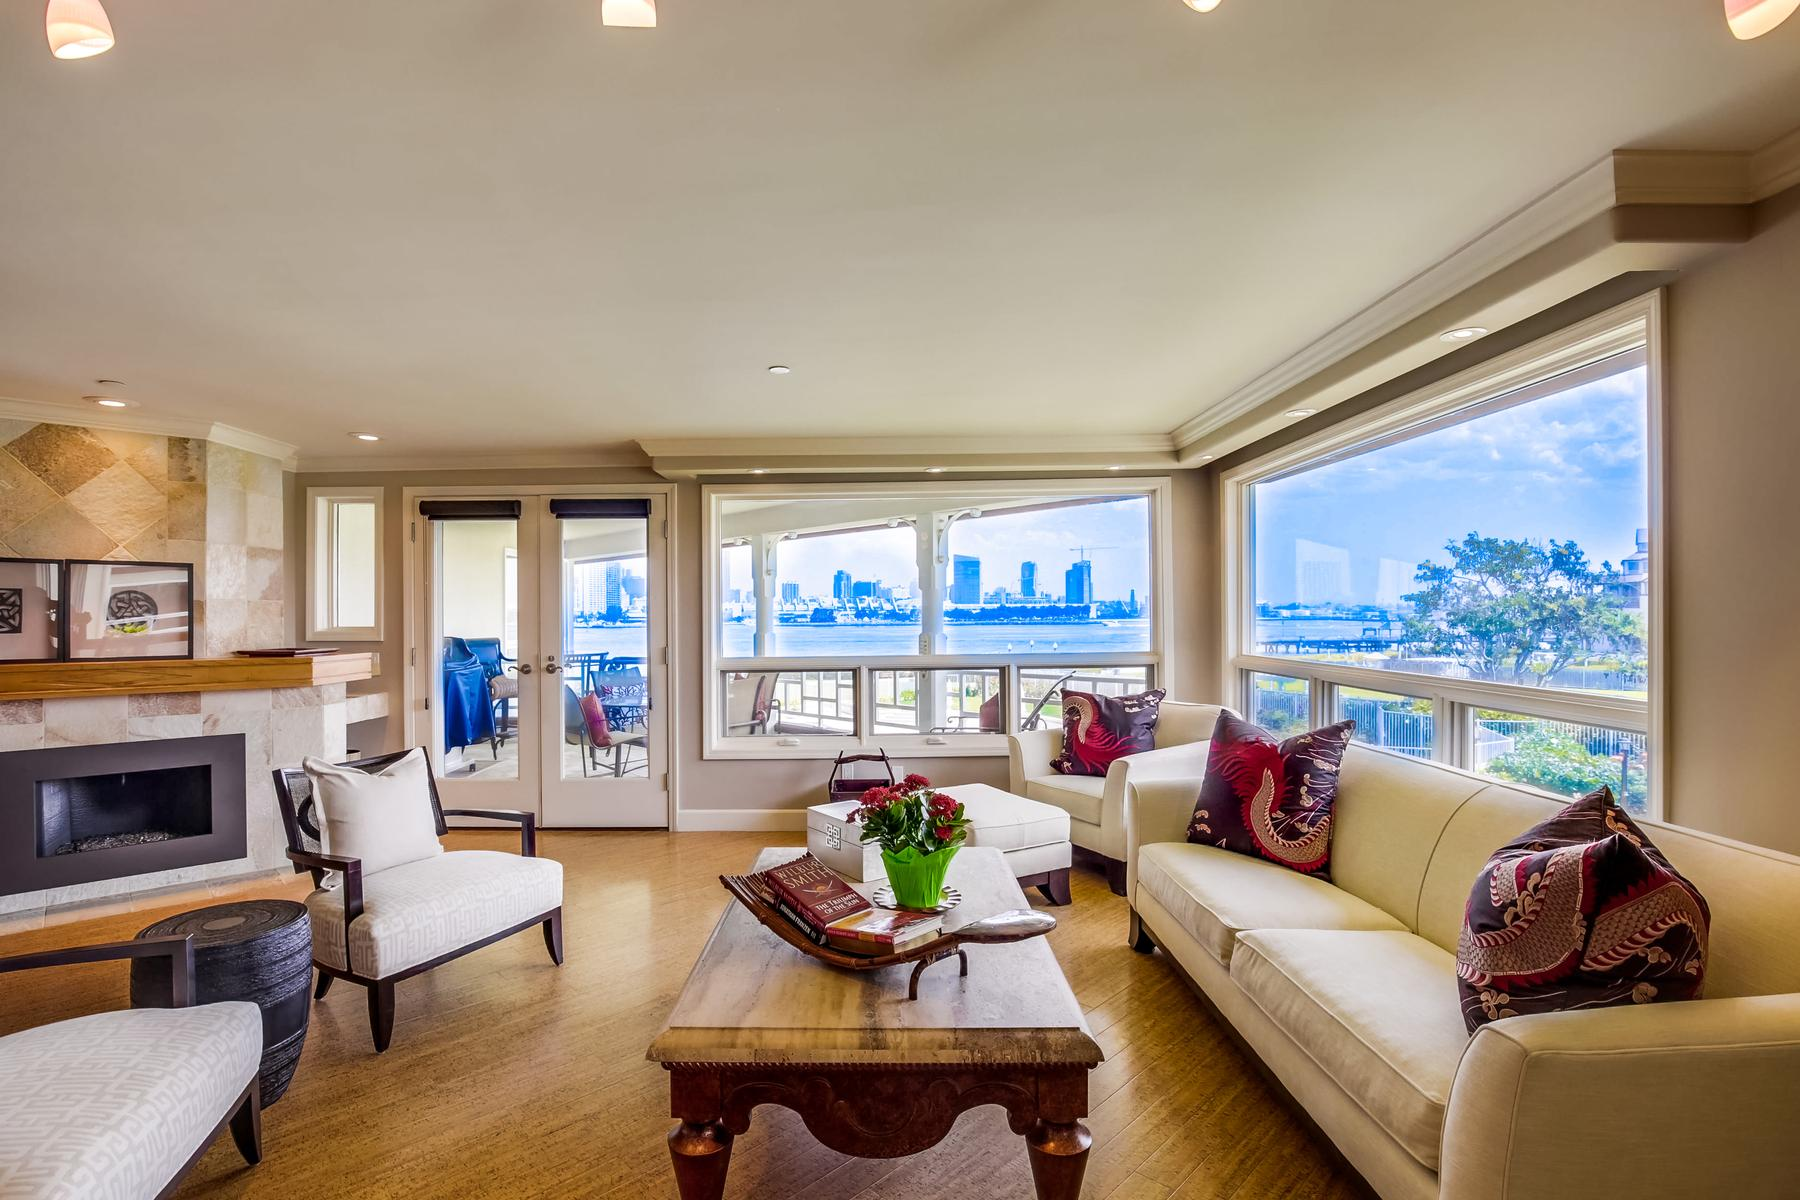 واحد منزل الأسرة للـ Sale في 1099 1st Street #207 1099 1st Street 207, Coronado, California, 92118 United States